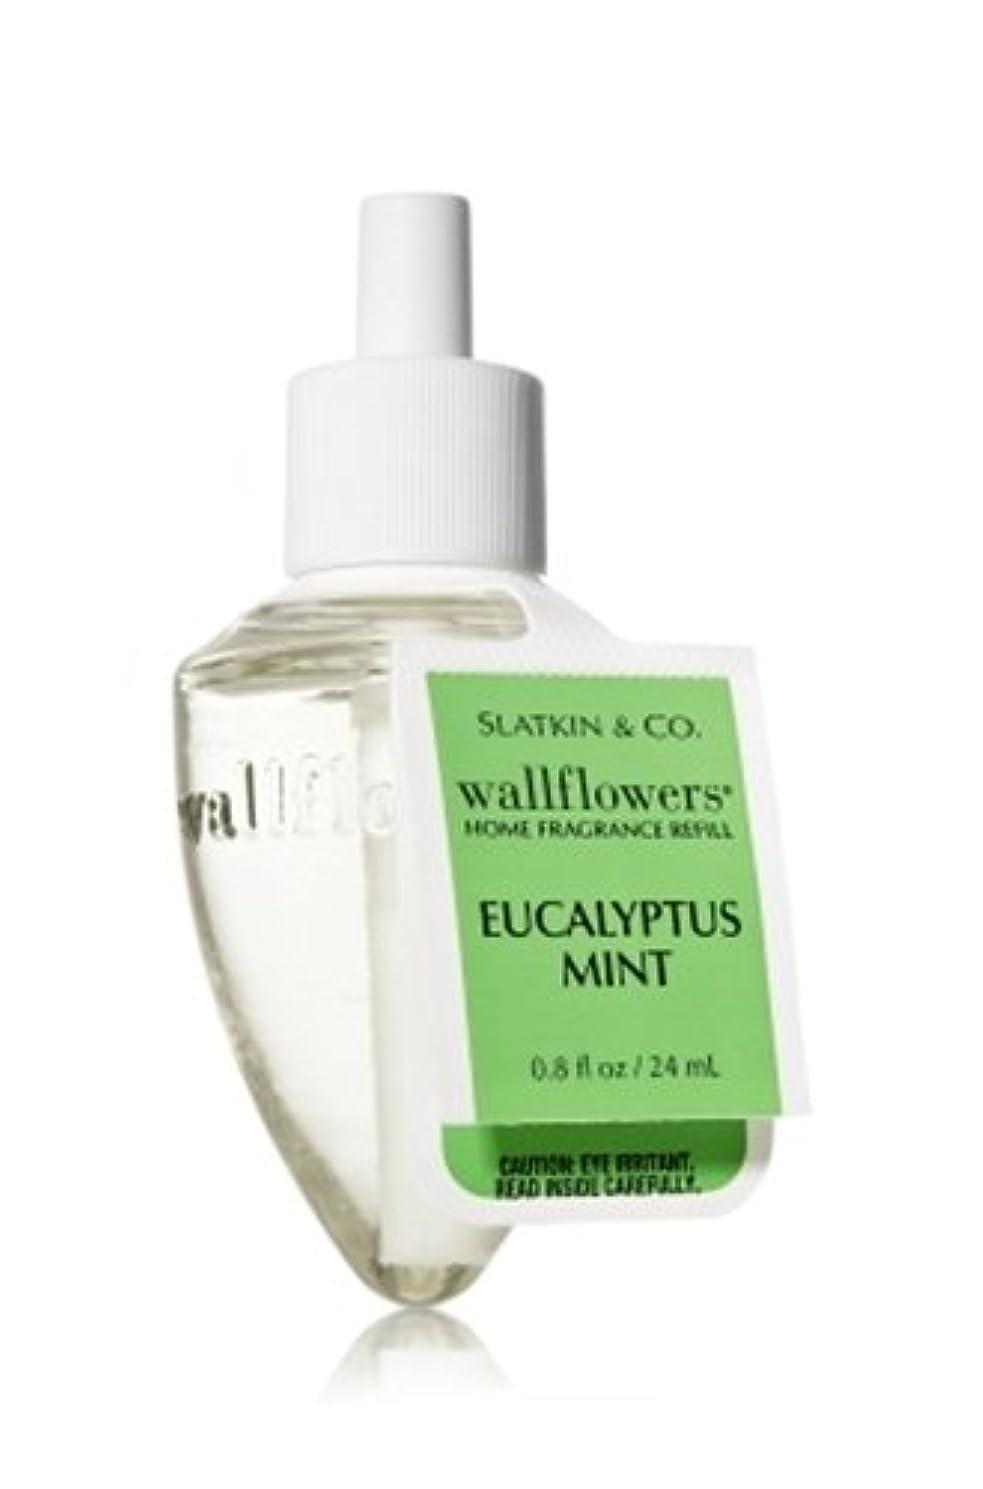 記念虚弱レコーダーBath & Body Works(バス&ボディワークス) ユーカリプタス ミント レフィル(本体は別売りです) Eucalyptus Mint Wallflowers Refill Single Bottles【並行輸入品】